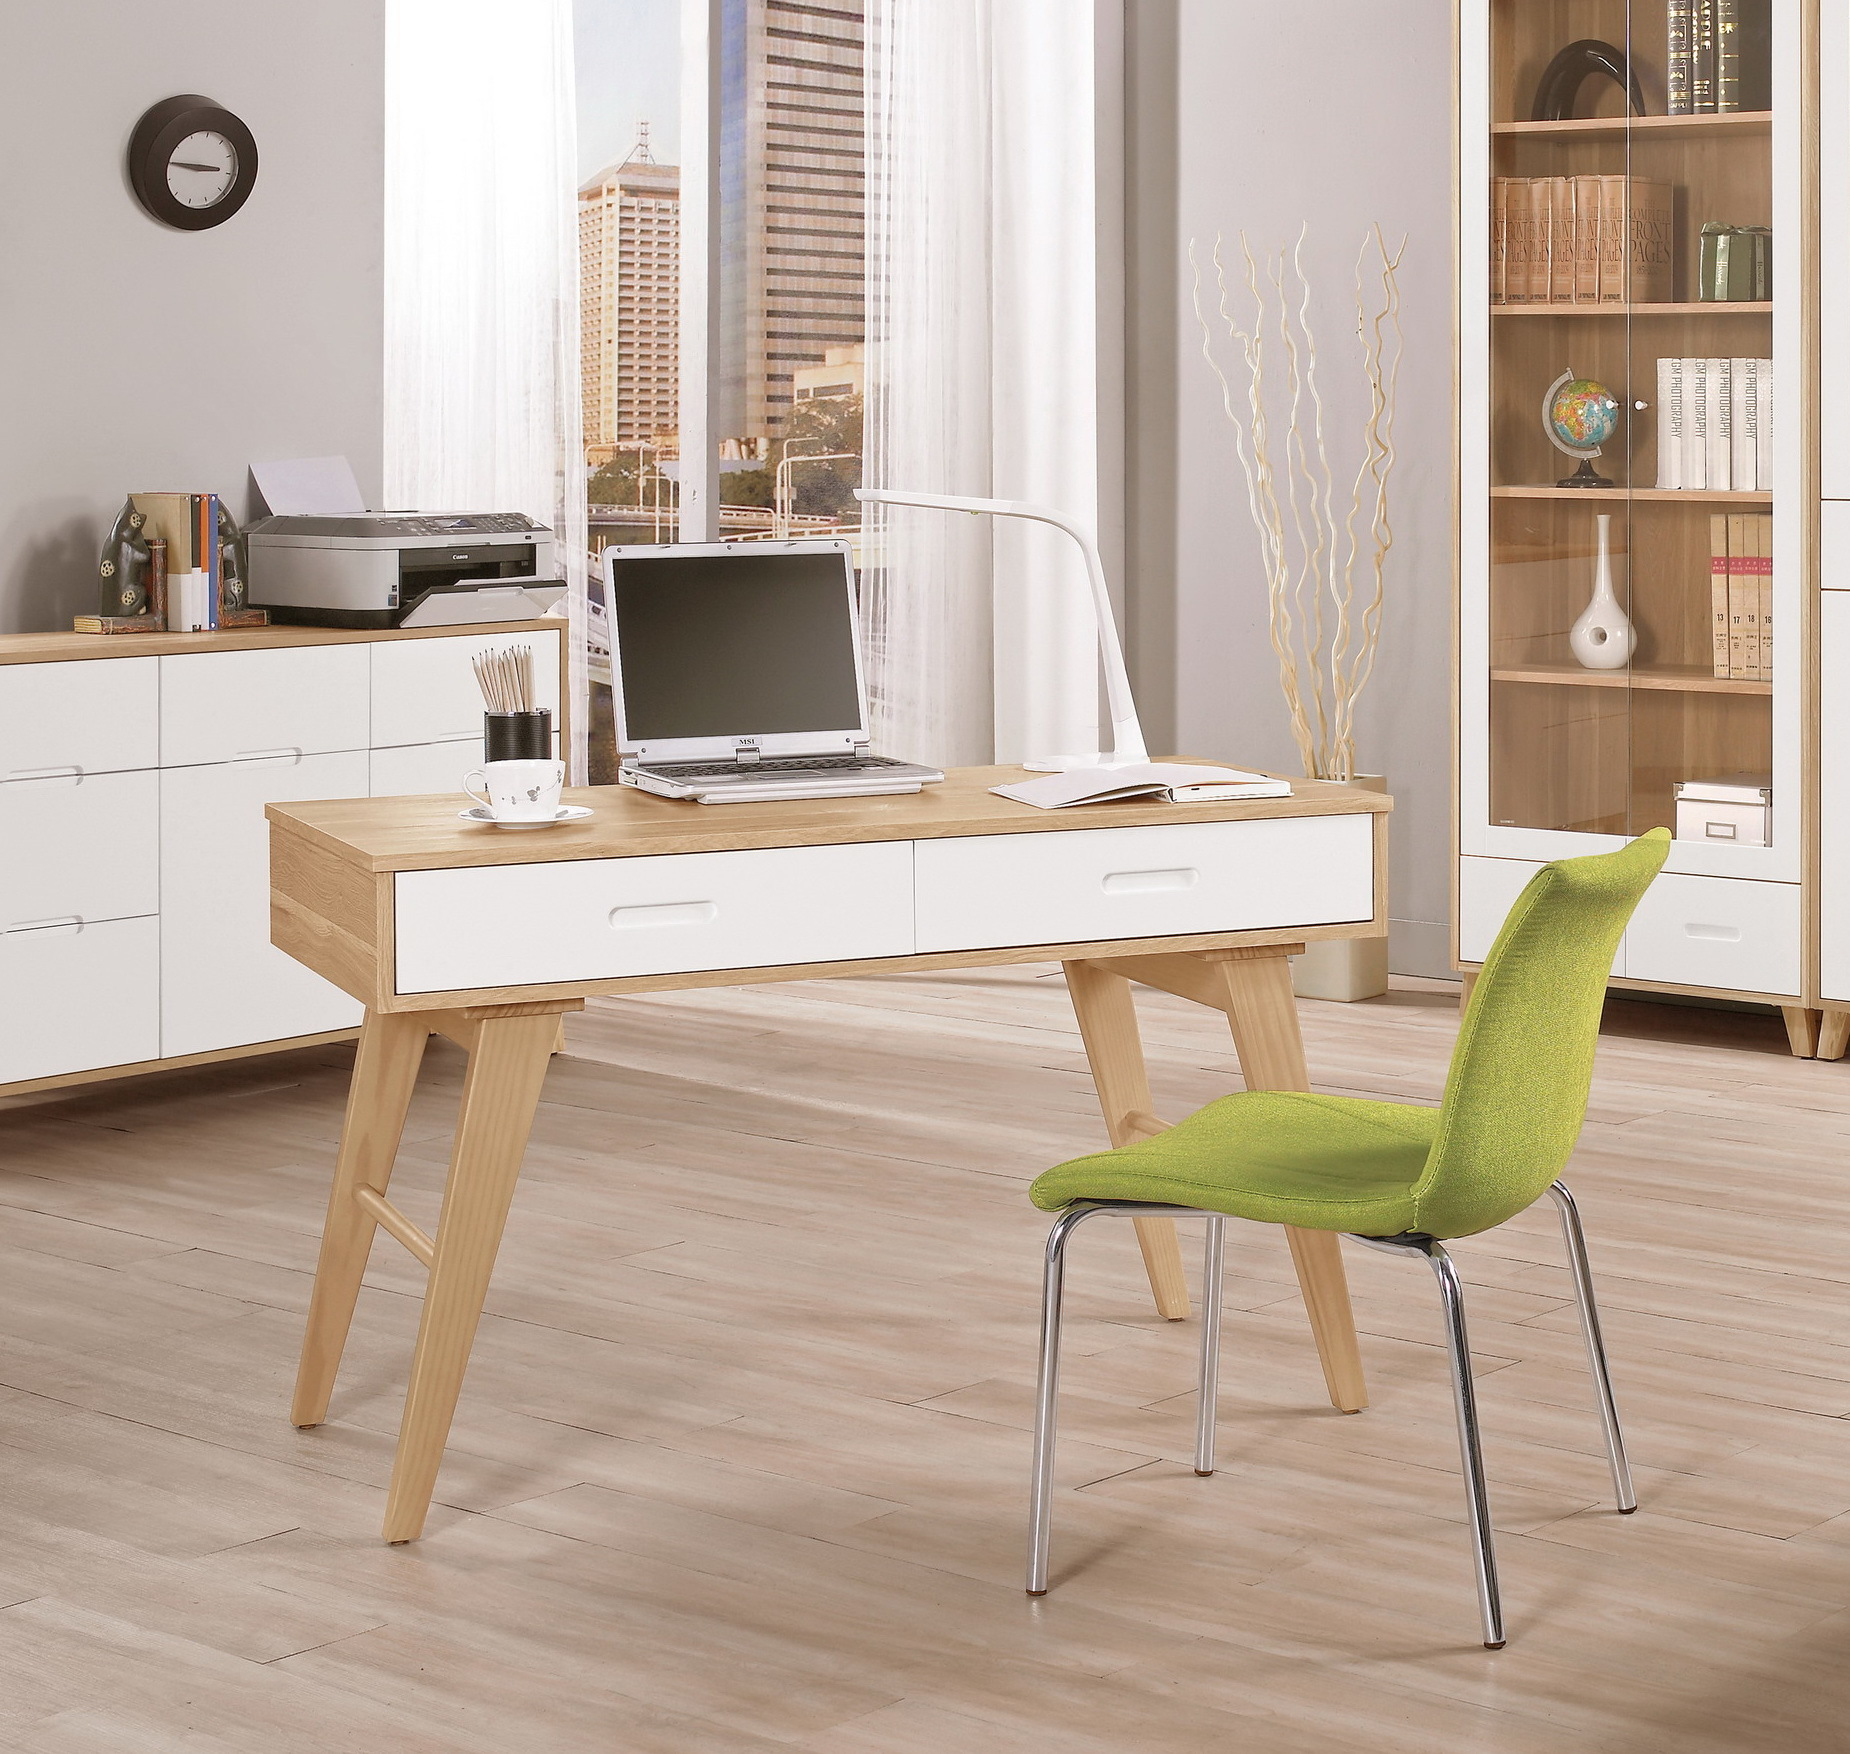 379-3 羅德尼4尺書桌.jpg